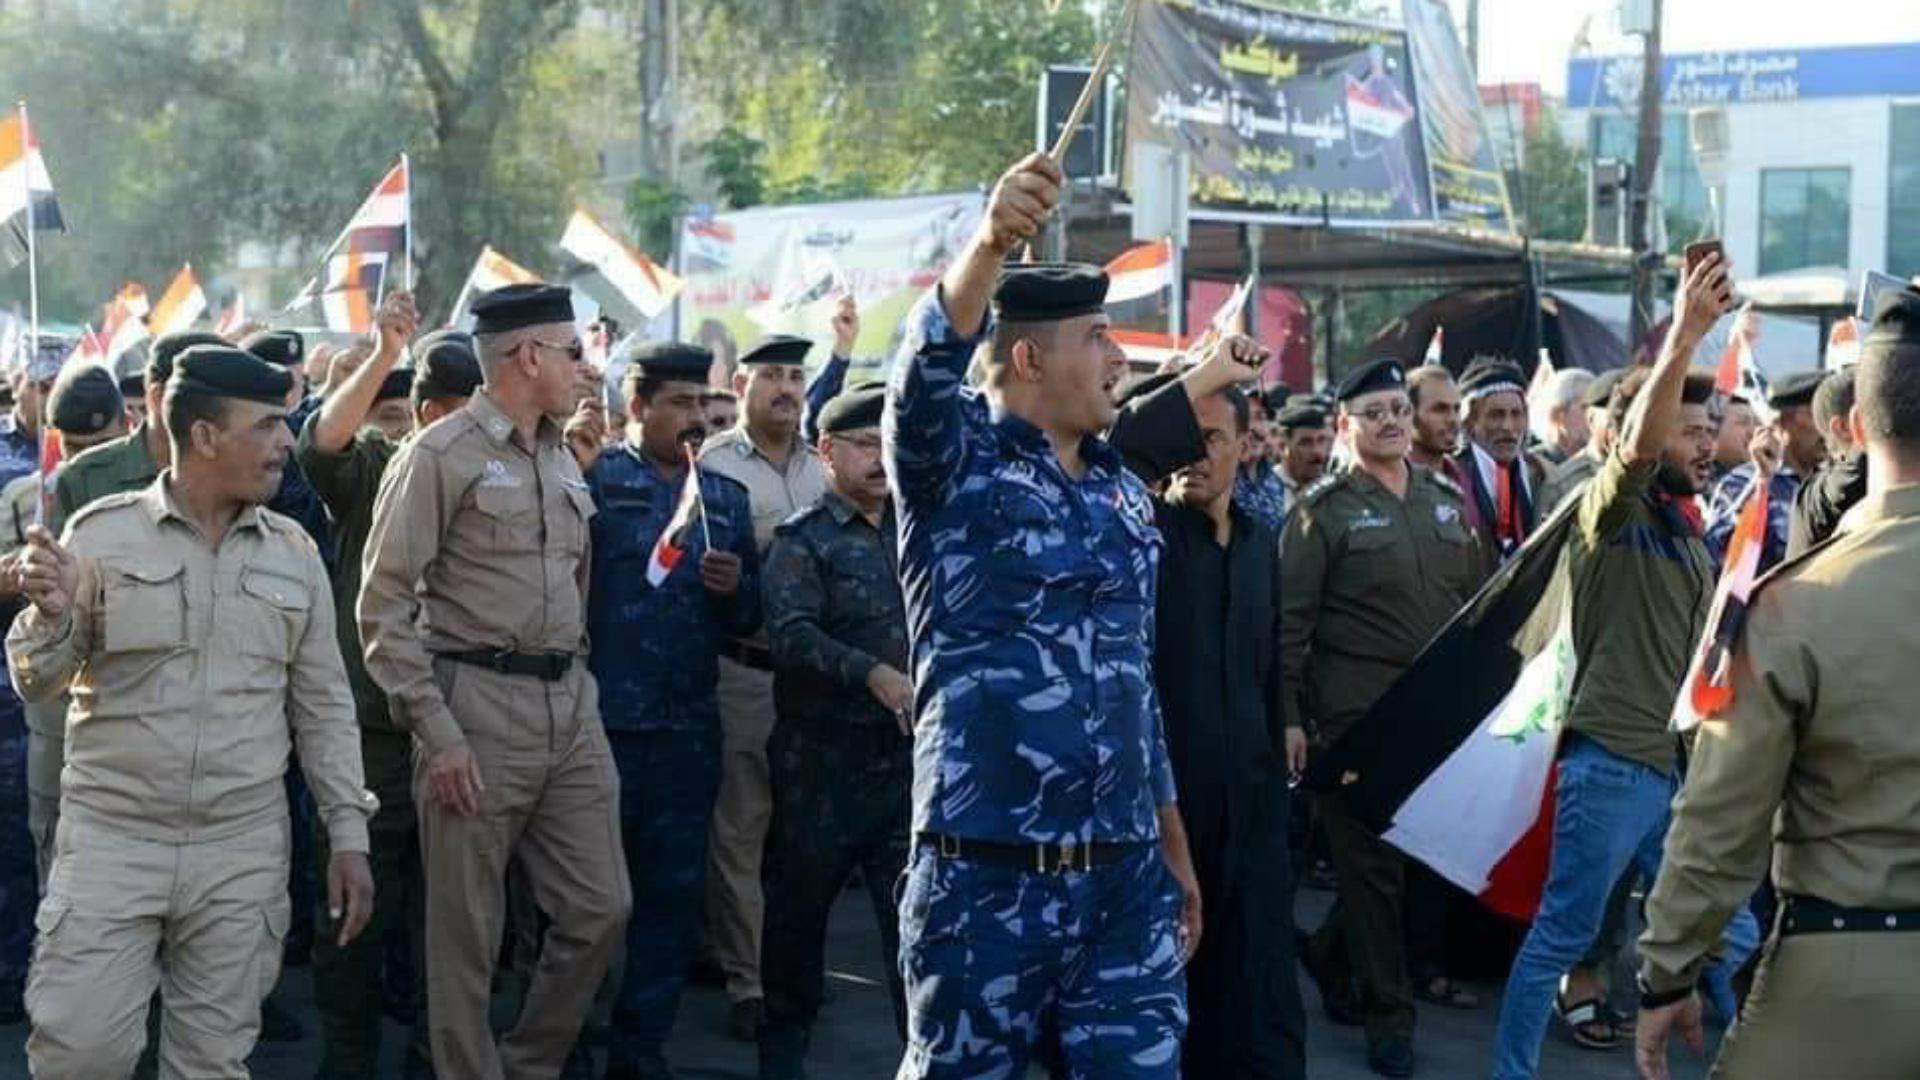 ضباط ورجال أمن يتظاهرون في كربلاء دعماً لباقي المحتجين